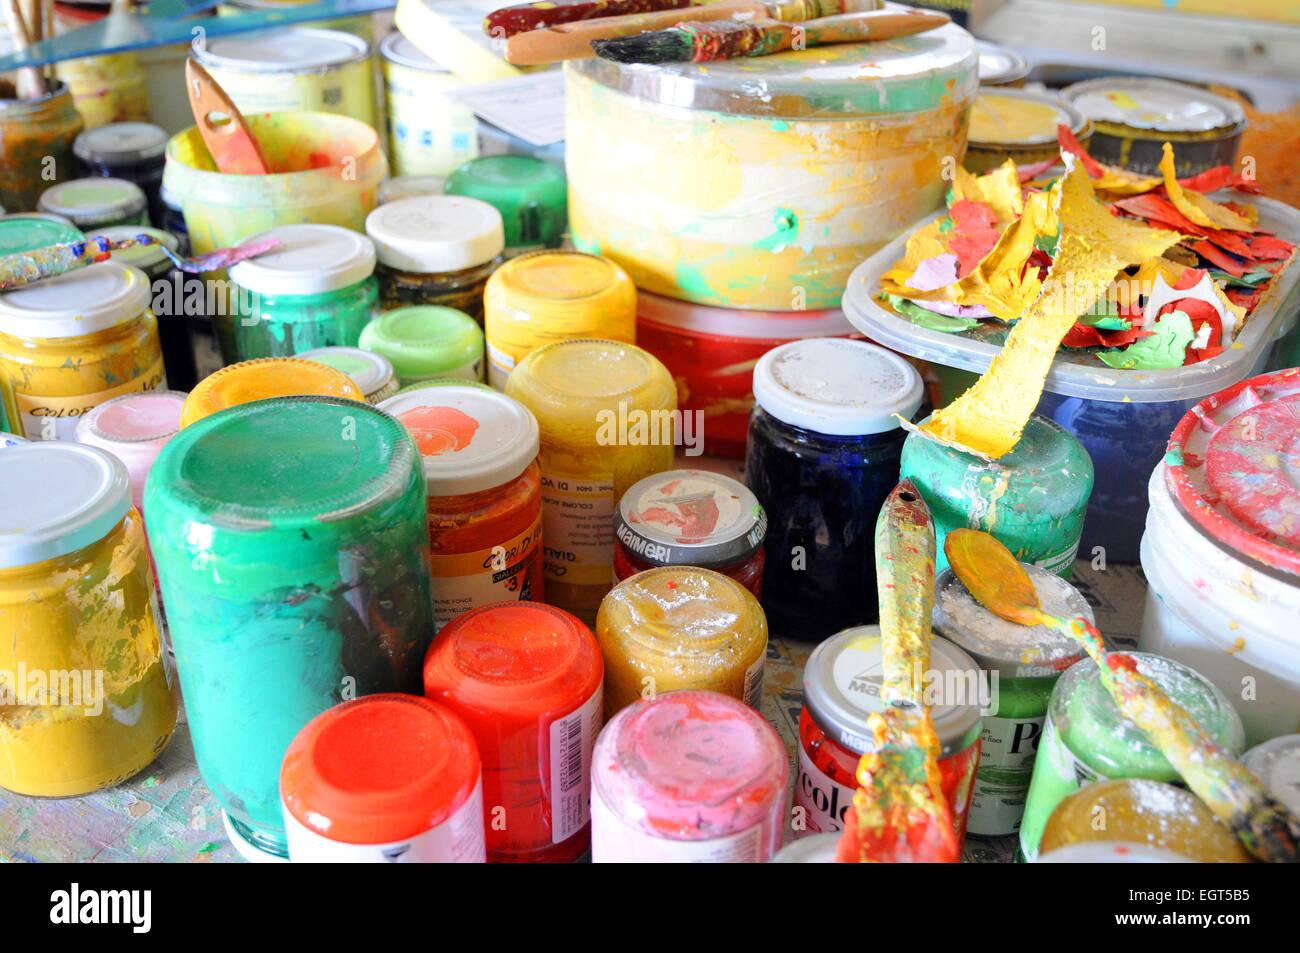 Colore Colore pittore artista pittore artista Immagini Stock